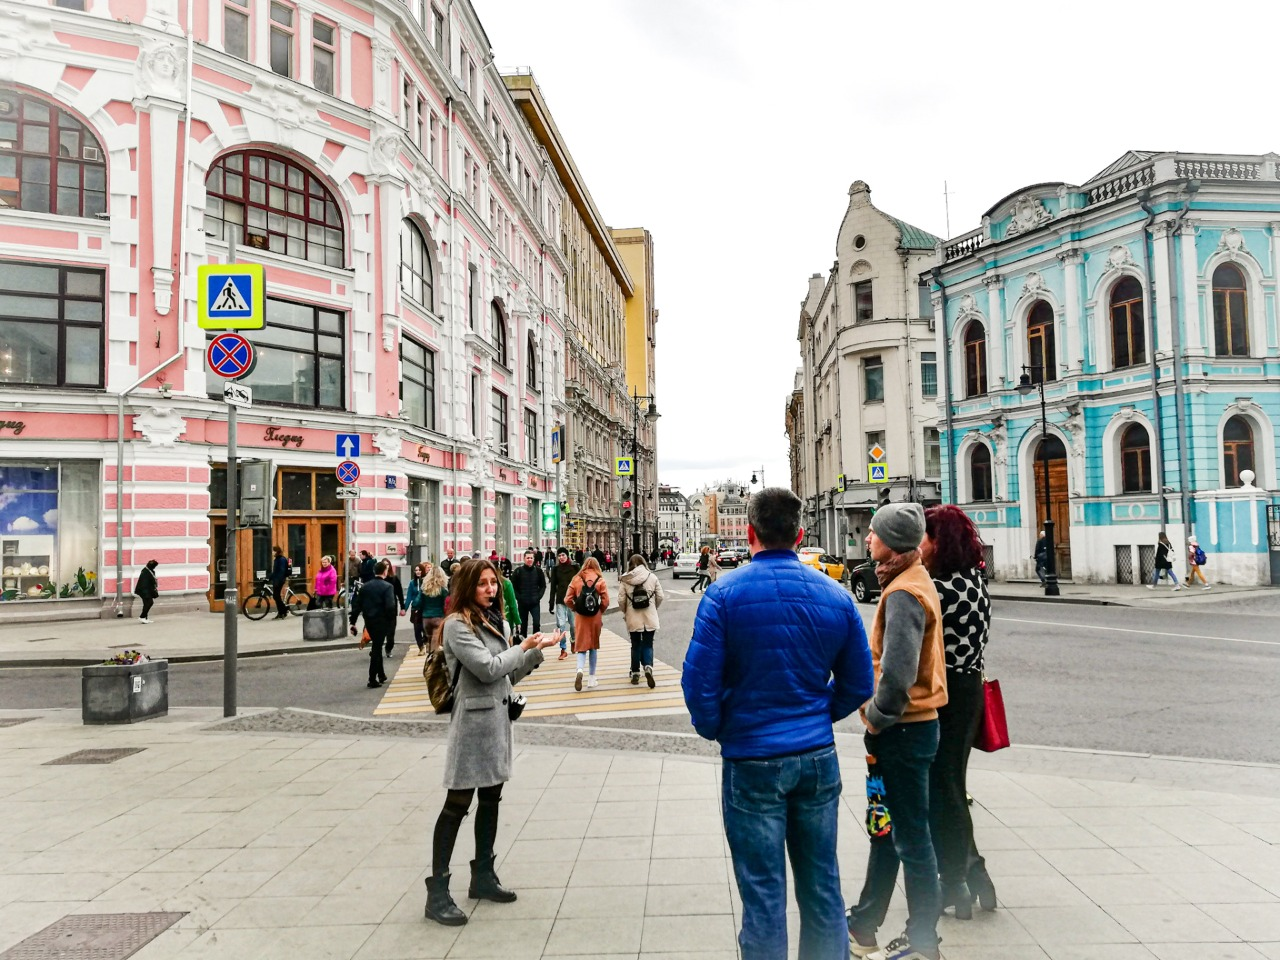 Призраки и масоны Мясницкой  - индивидуальная экскурсия по Москве от опытного гида